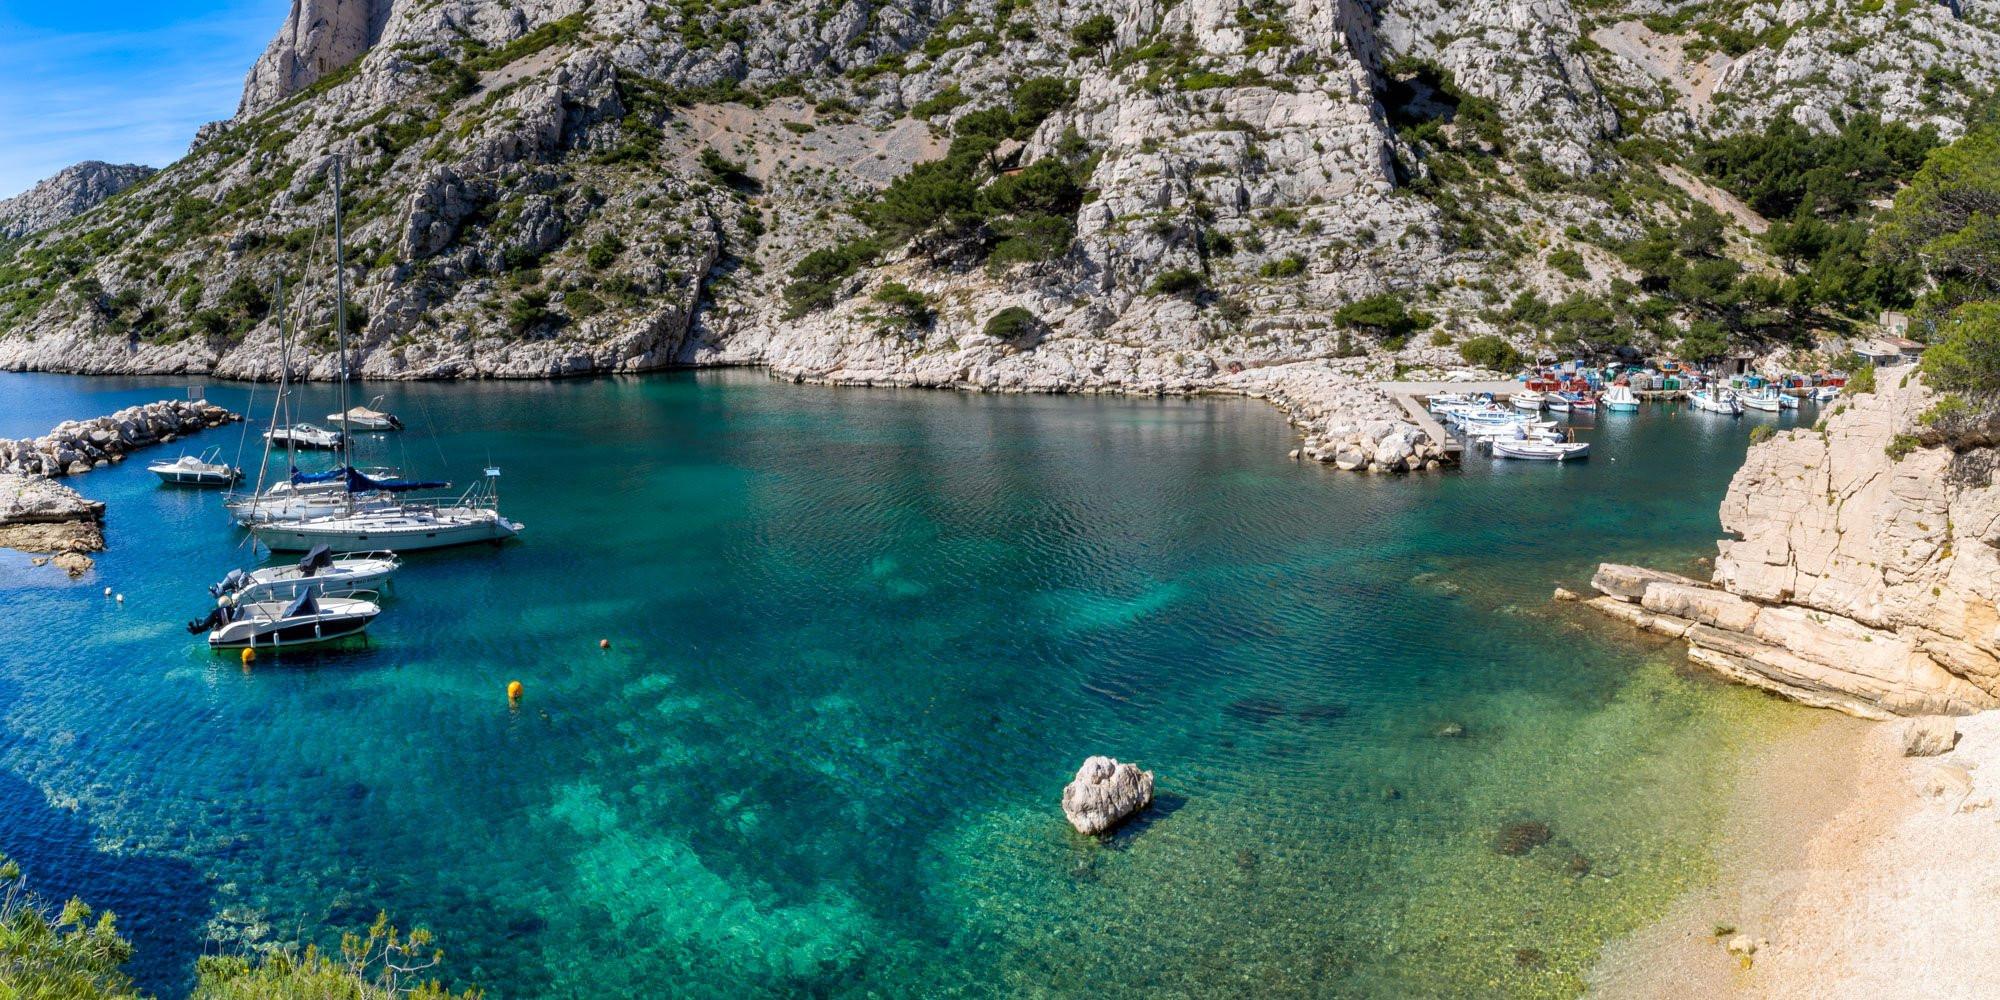 Morgiou Calanque beach, Azure coast France